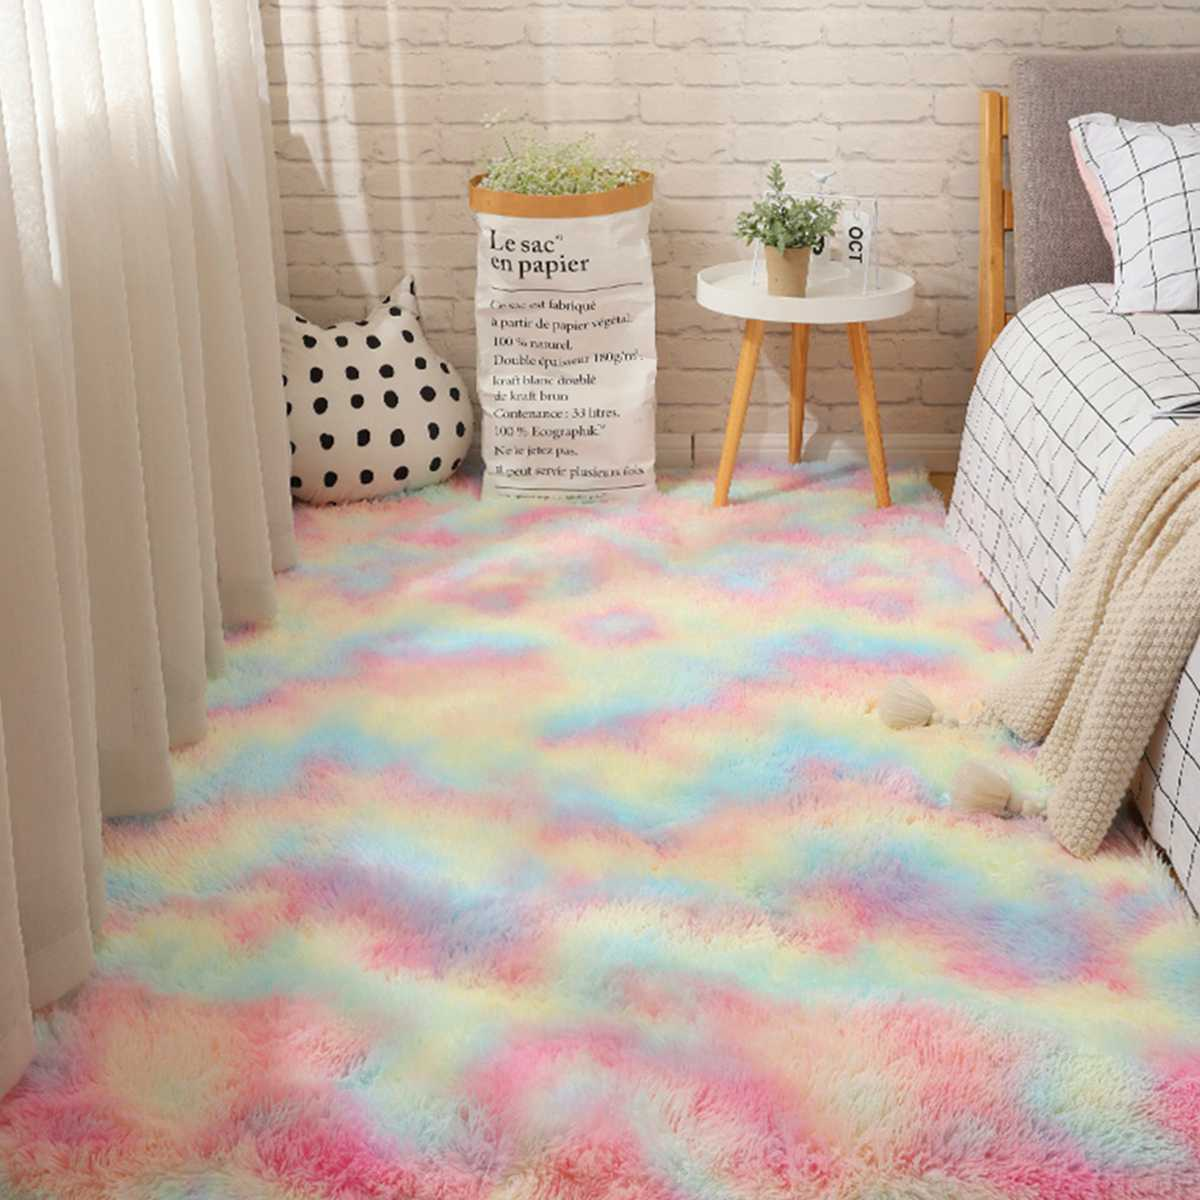 80x20 0/100x16 0/140x20 0/160x230 см радужные пушистые коврики противоскользящие лохматые ковры ковер для столовой коврик для пола домашняя спальня